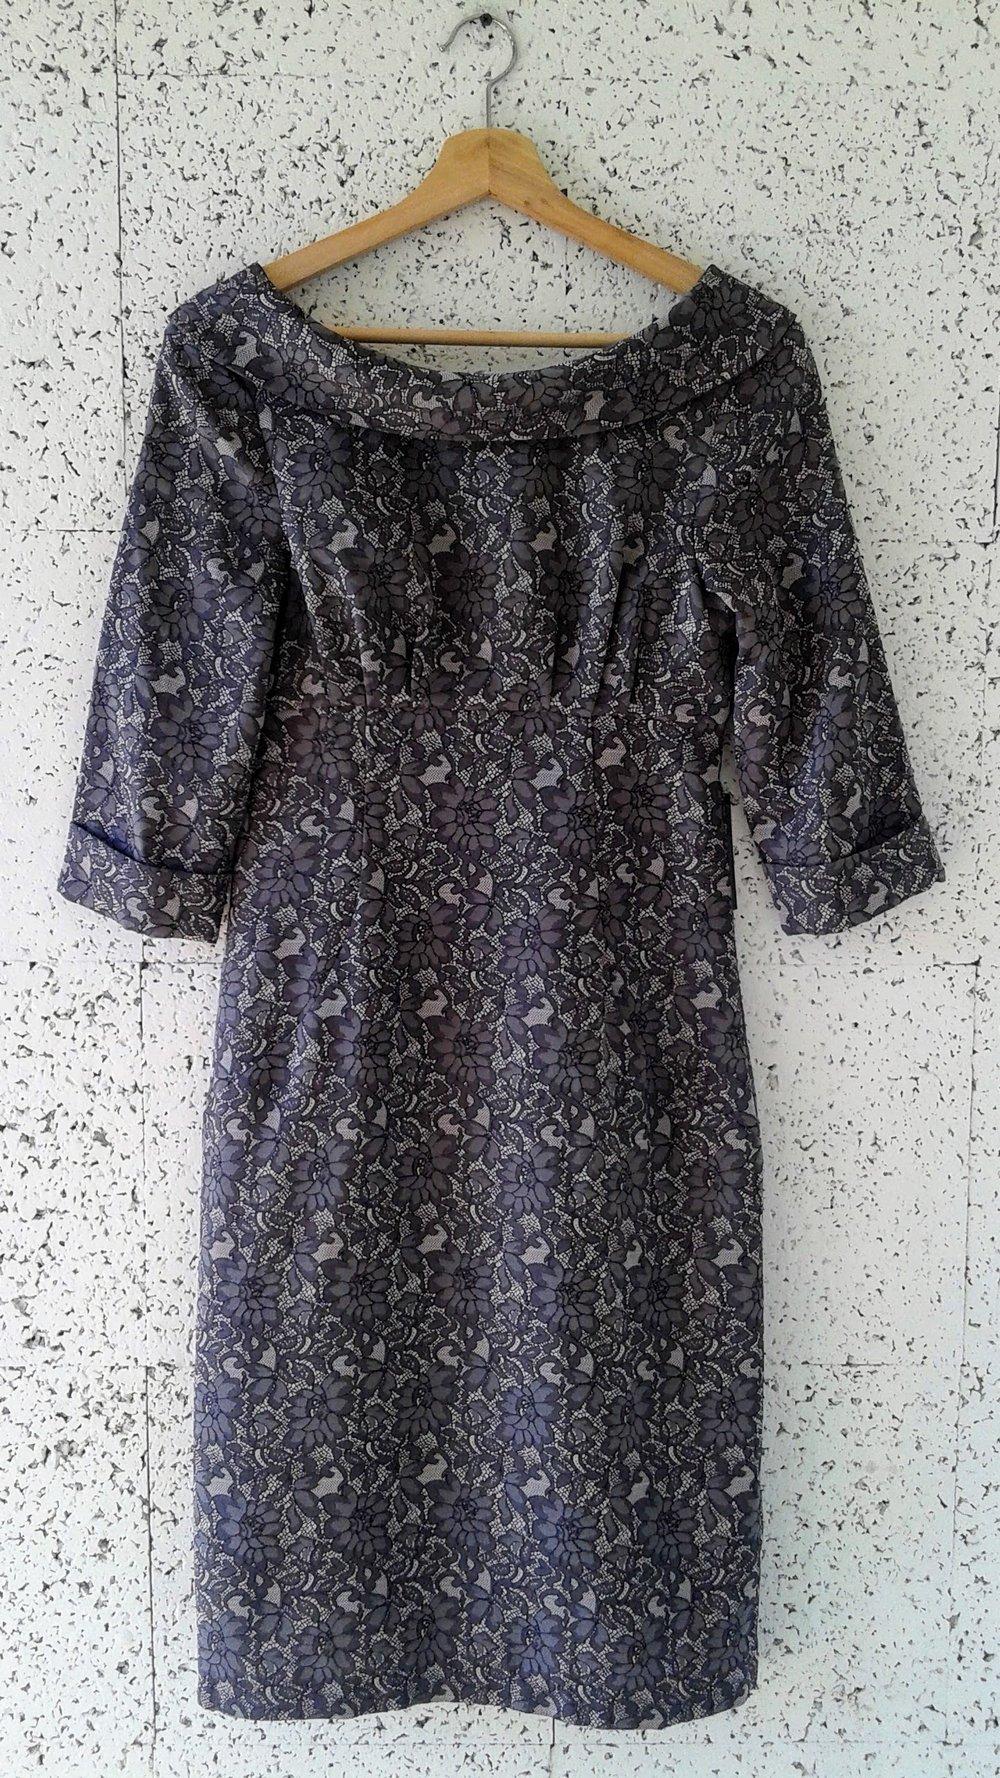 Sweet Chemise dress (NWT); Size 4, $75